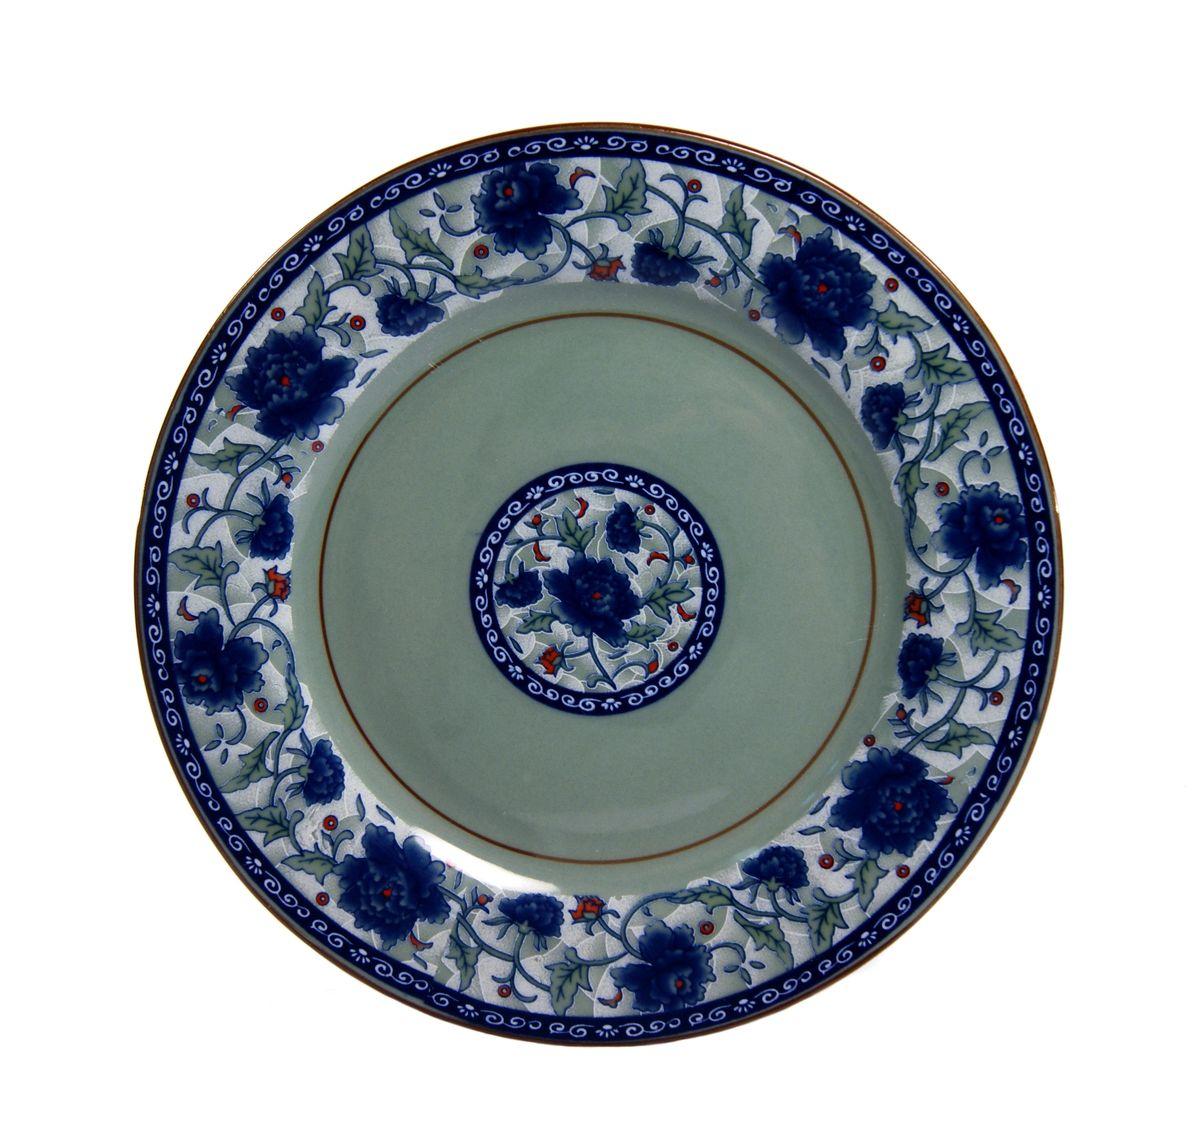 Тарелка Nanshan Porcelain Харбин, диаметр 18 смGNNSHB028Тарелка Nanshan Porcelain Харбин изготовлена из высококачественной керамики. Предназначена для красивой подачи различных блюд. Изделие украшено ярким рисунком.Такая тарелка украсит сервировку стола и подчеркнет прекрасный вкус хозяйки. Можно мыть в посудомоечной машине и использовать в микроволновой печи.Диаметр: 18 см. Высота: 2 см.